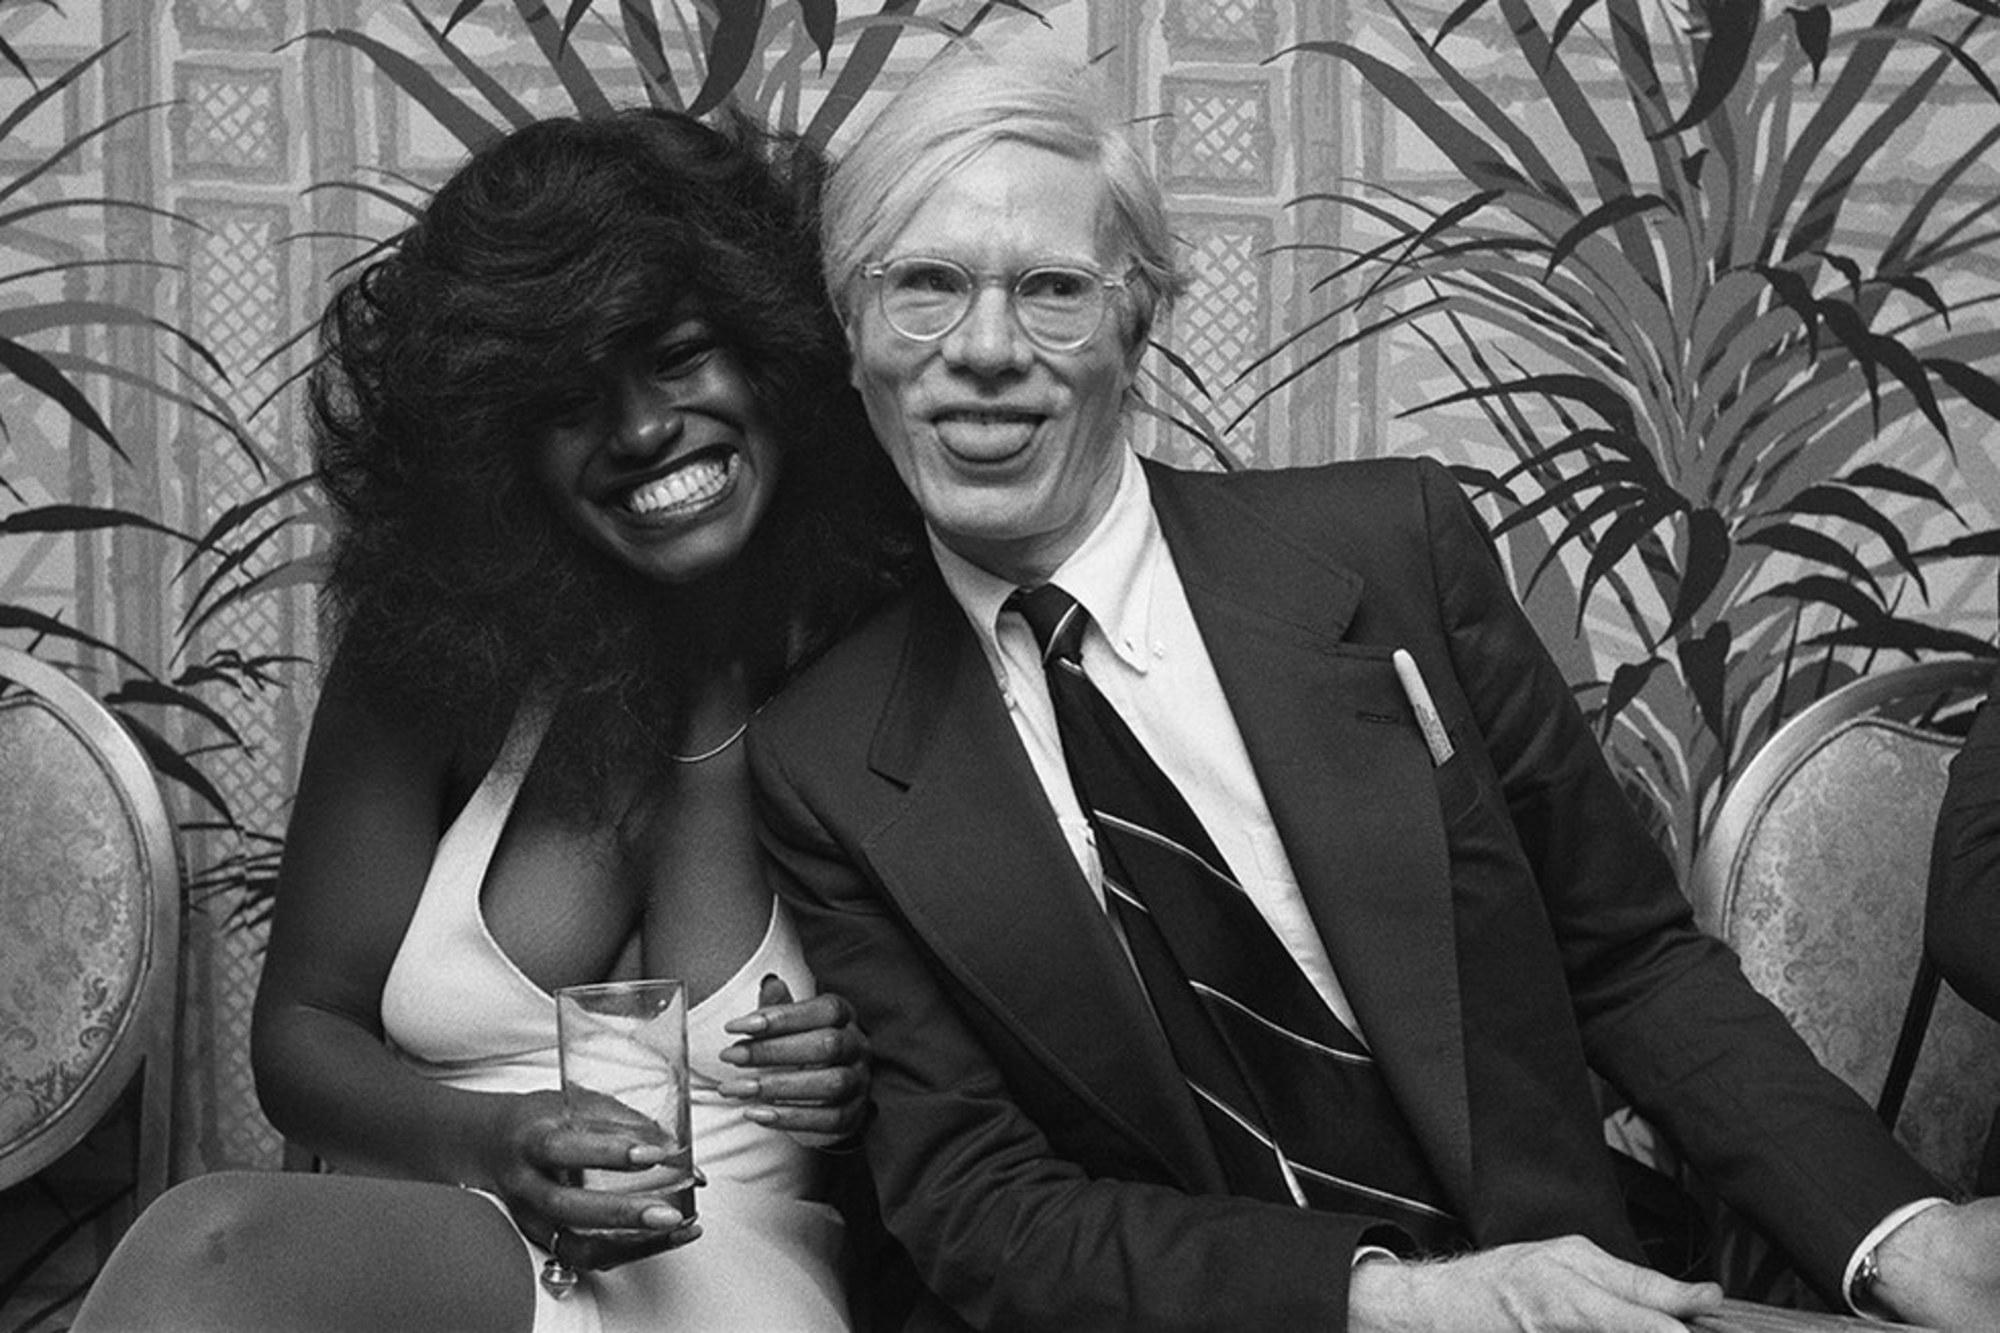 70年代美國紐約傳奇夜店「Studio 54」,政商名流性解放、嬉皮爆棚的 Disco 盛世17